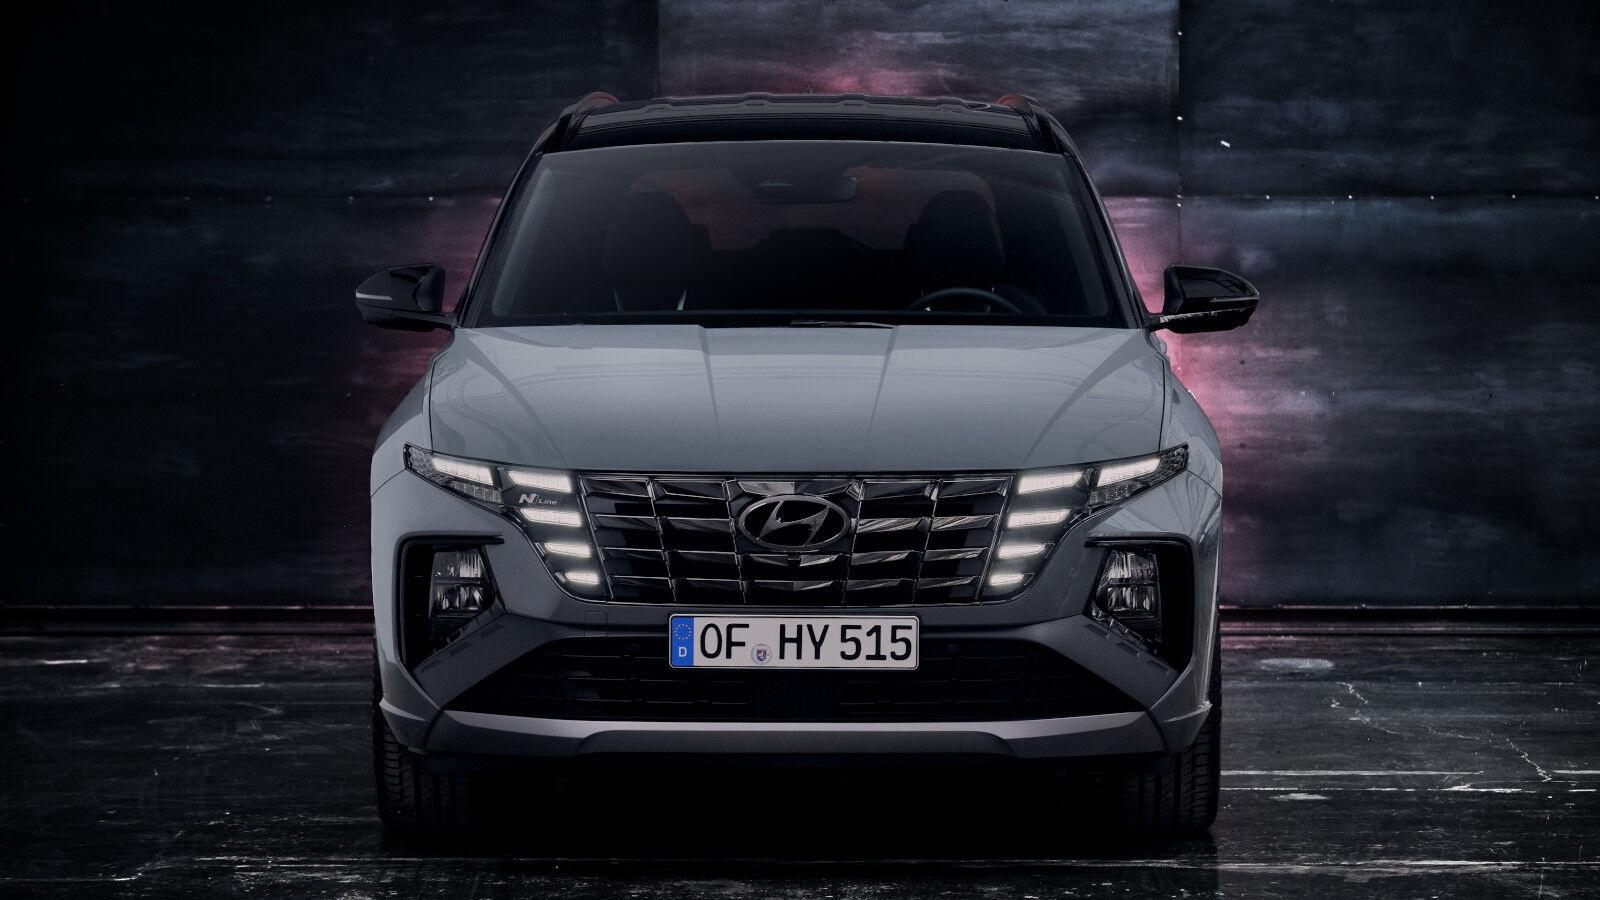 Το ολοκαίνουργιο Hyundai Tucson αποκτά νέα έκδοση N Line [pics]